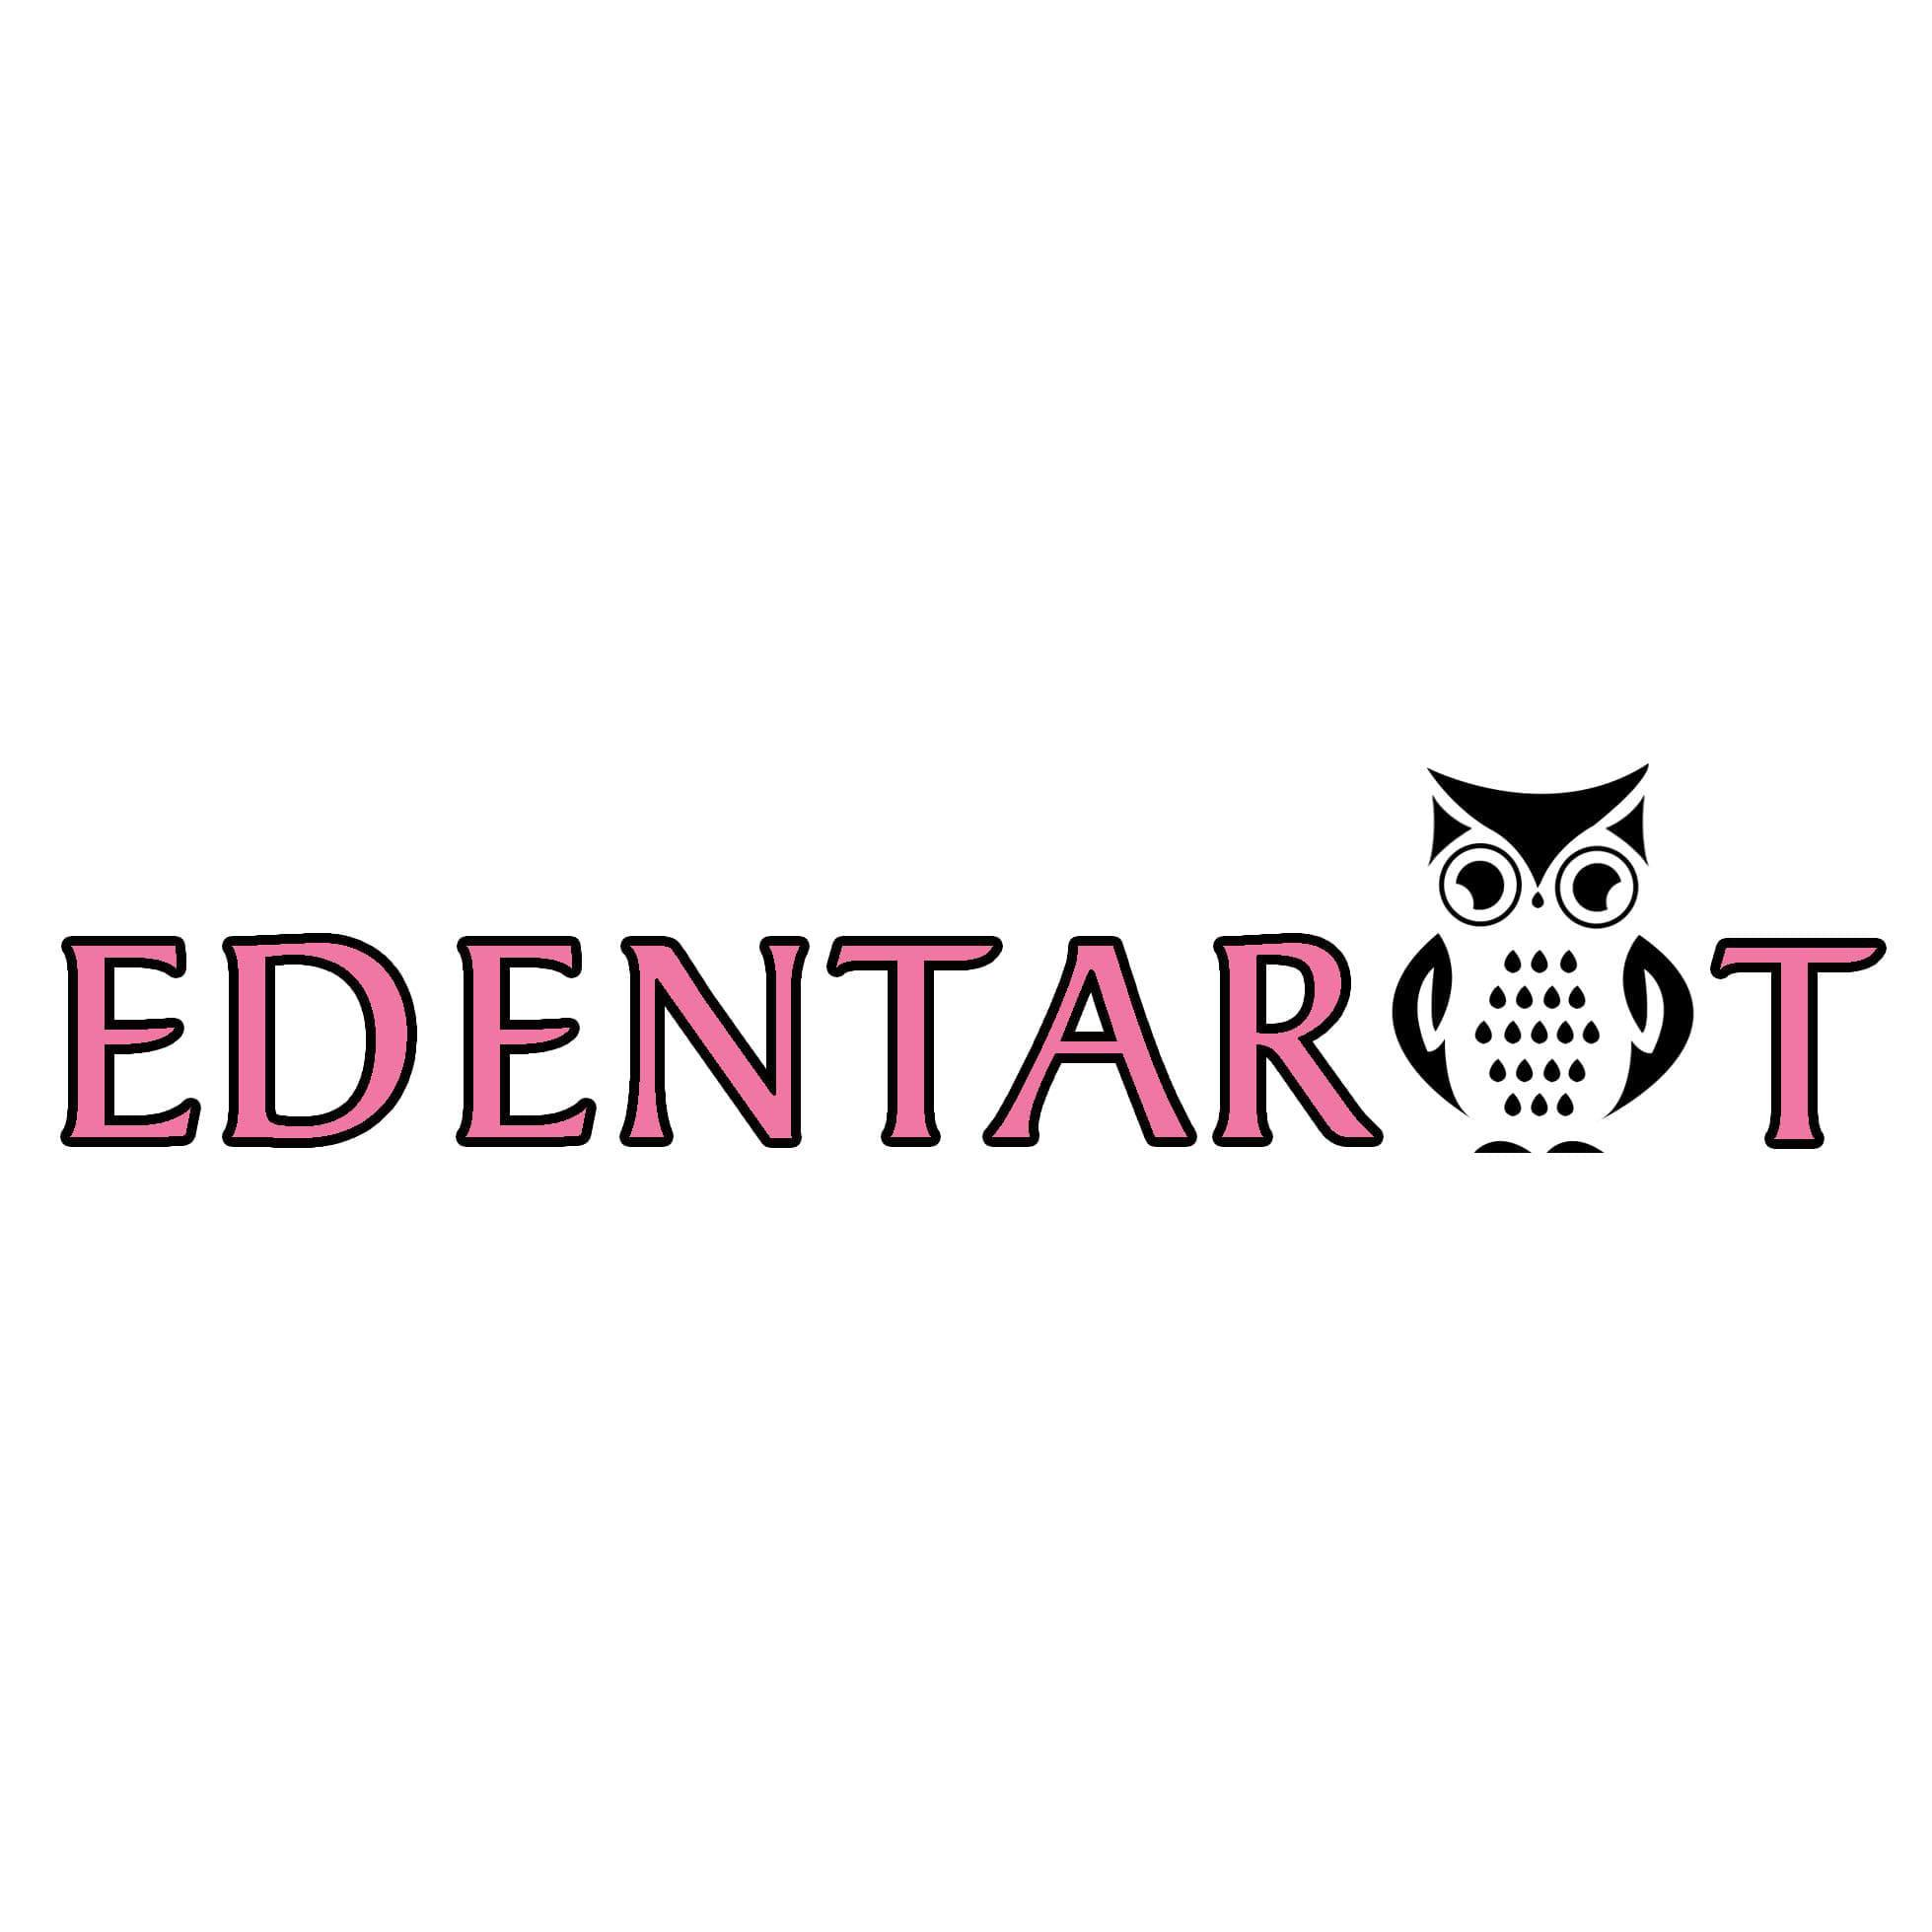 Edentarot